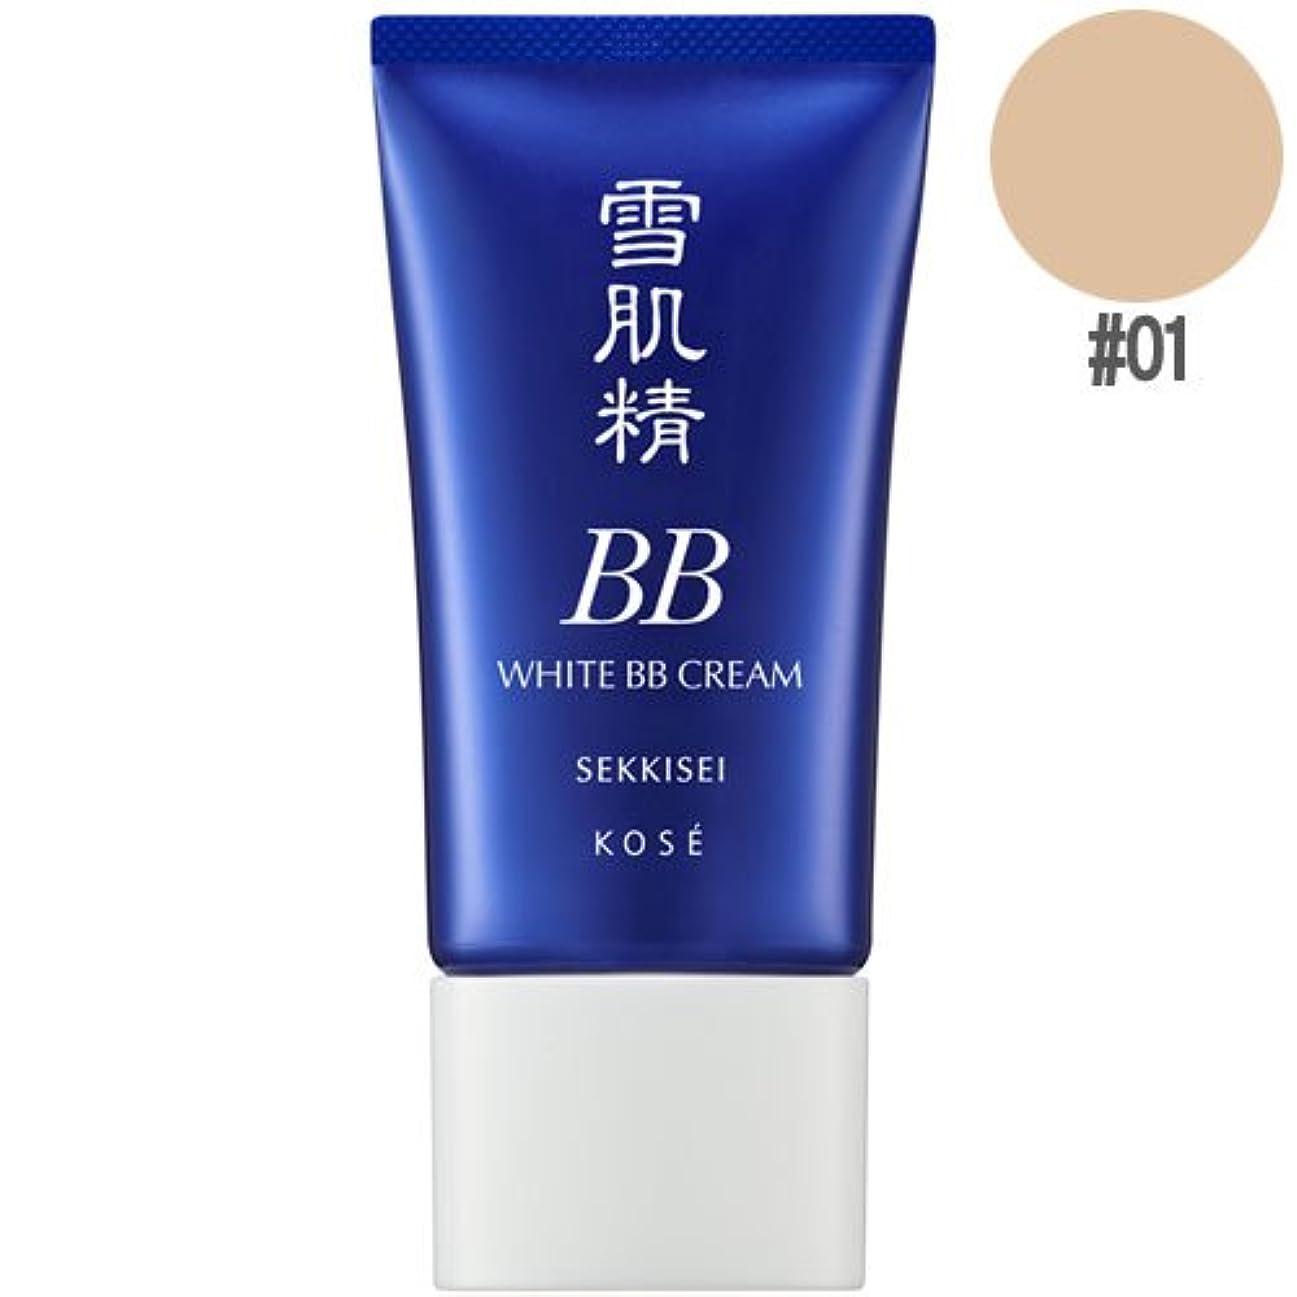 感じ明確に韓国KOSE 雪肌精ホワイトBBクリームSPF40/PA+++#01[並行輸入品]